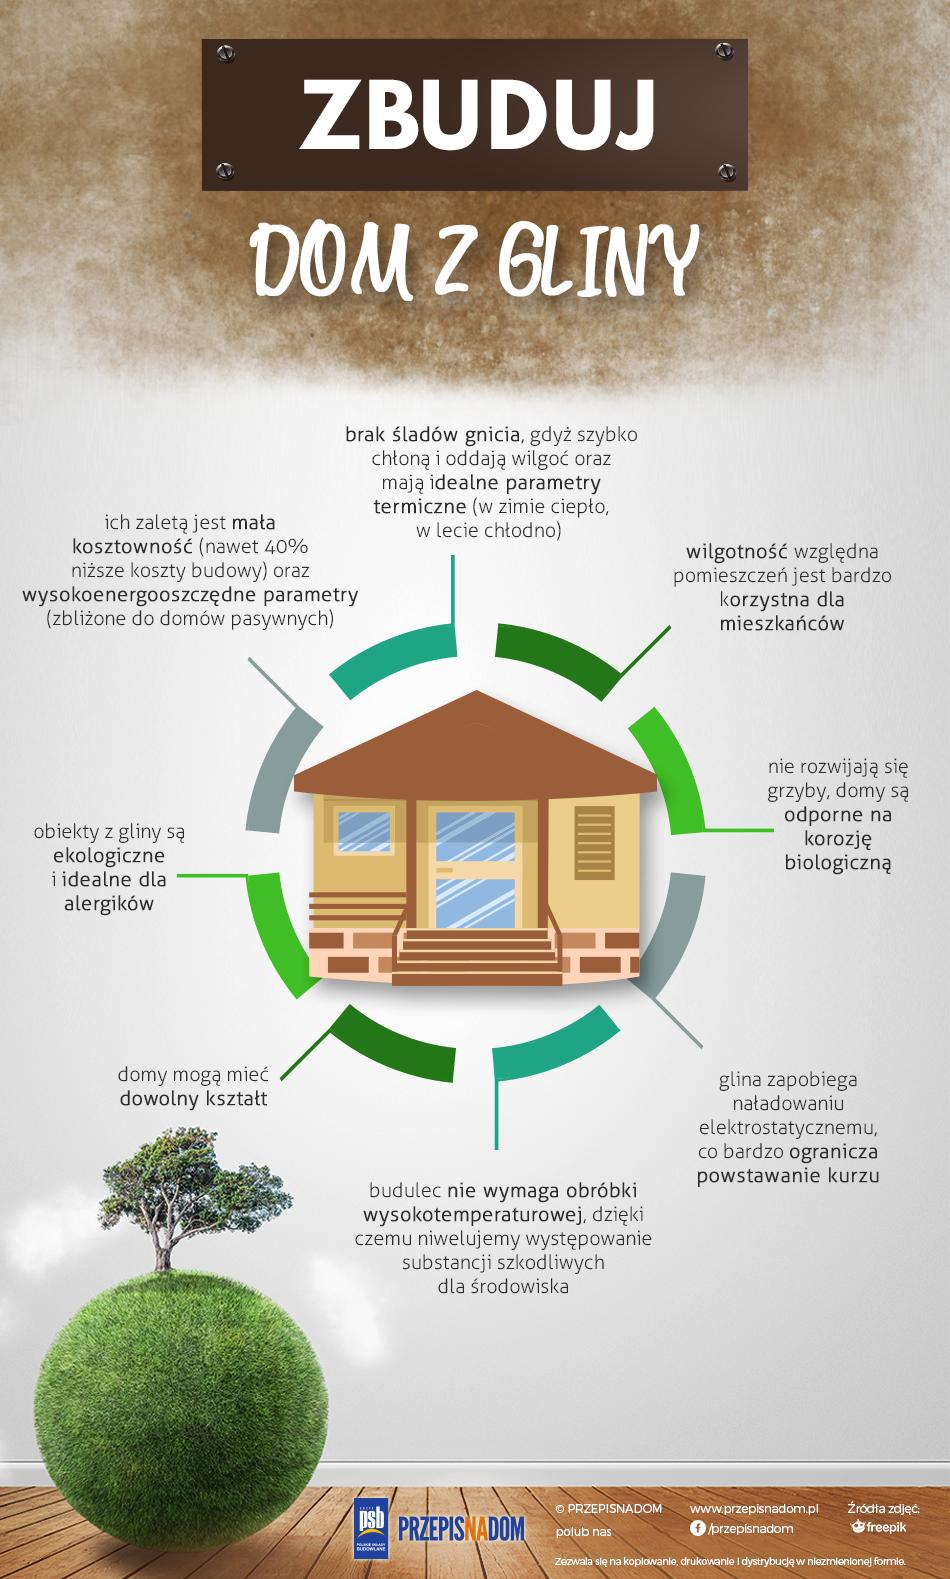 Zbuduj dom z gliny